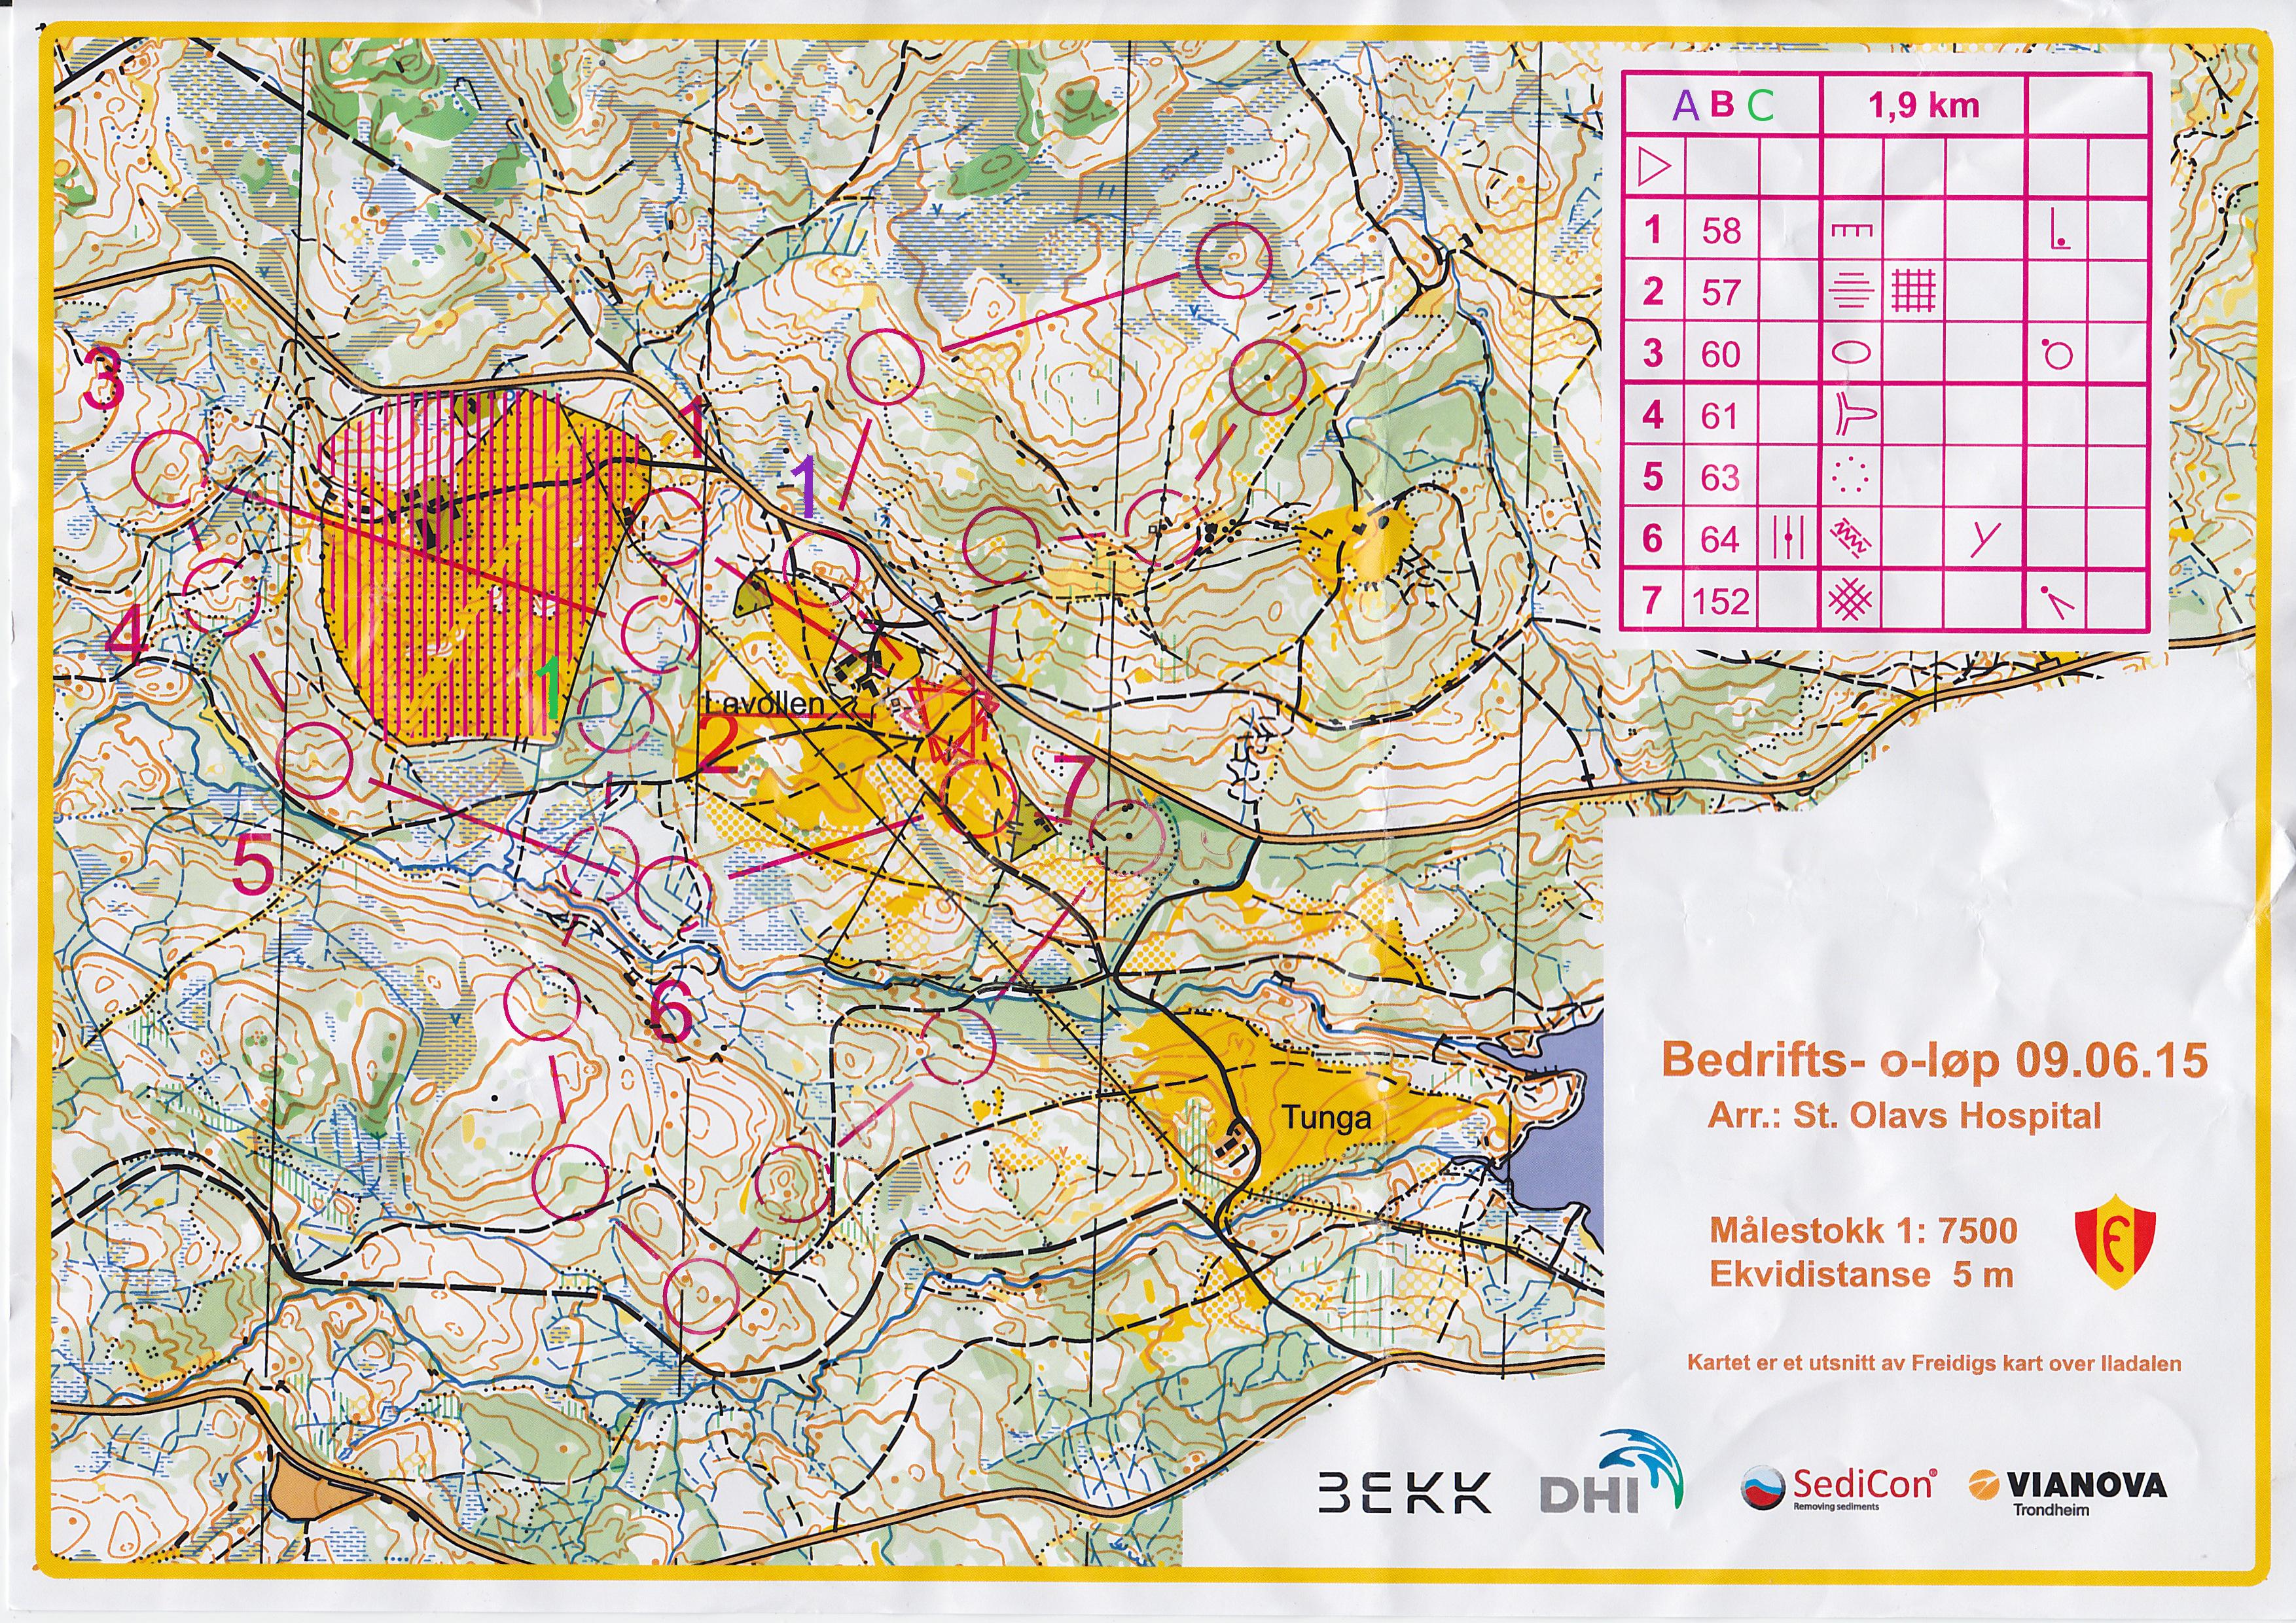 Bedrifts O Lop Lavollen June 9th 2015 Orienteering Map From